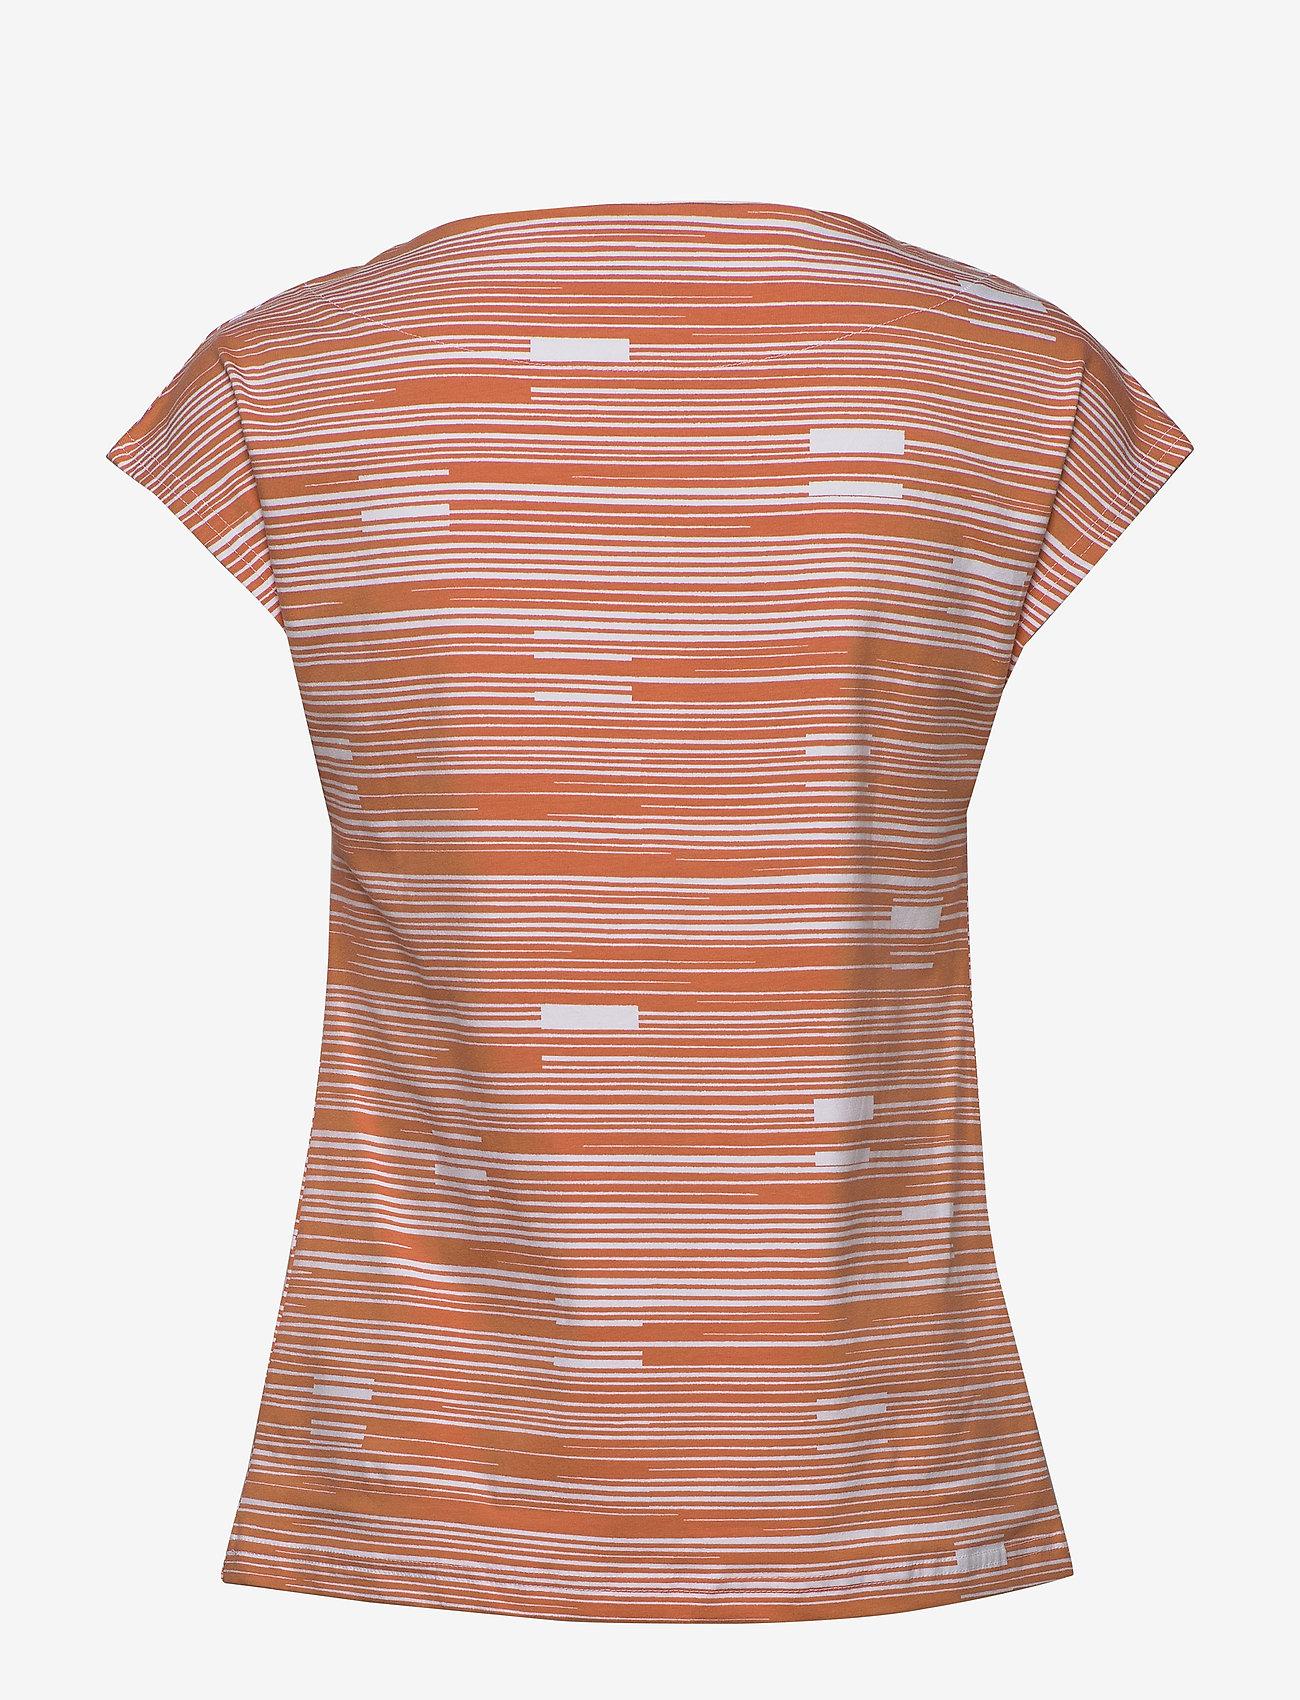 Nanso - Ladies blouse, Näkkäri - t-shirty - red - 1